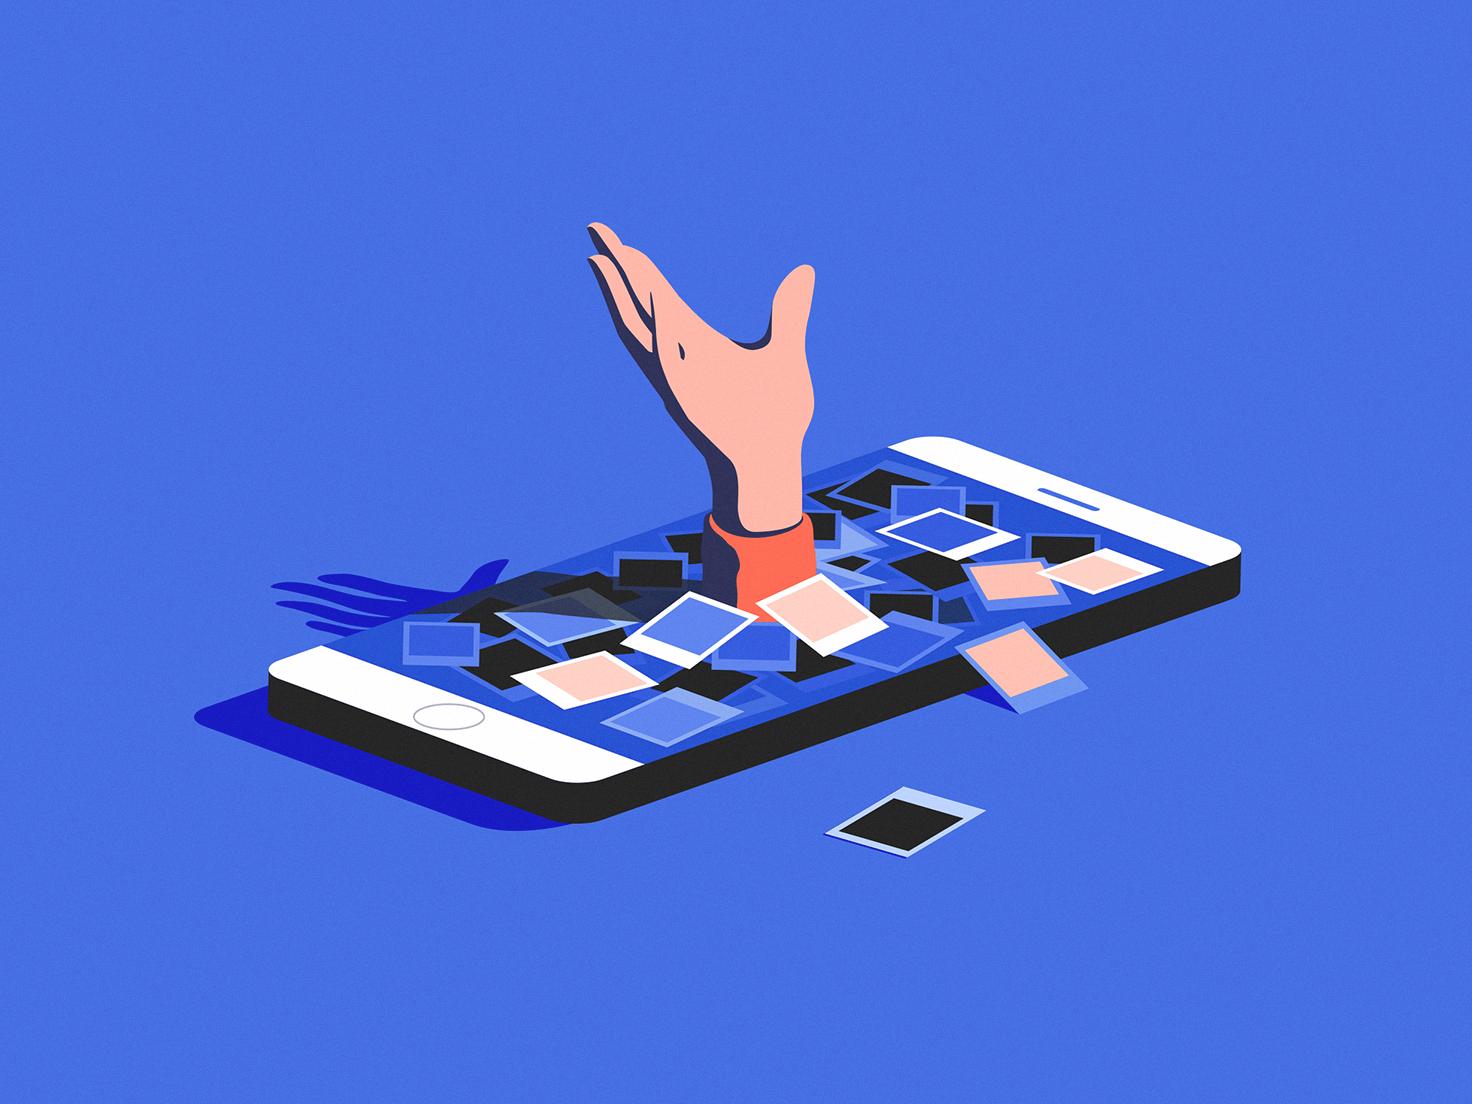 Gone vr web iso hand app human social media mobile illustration